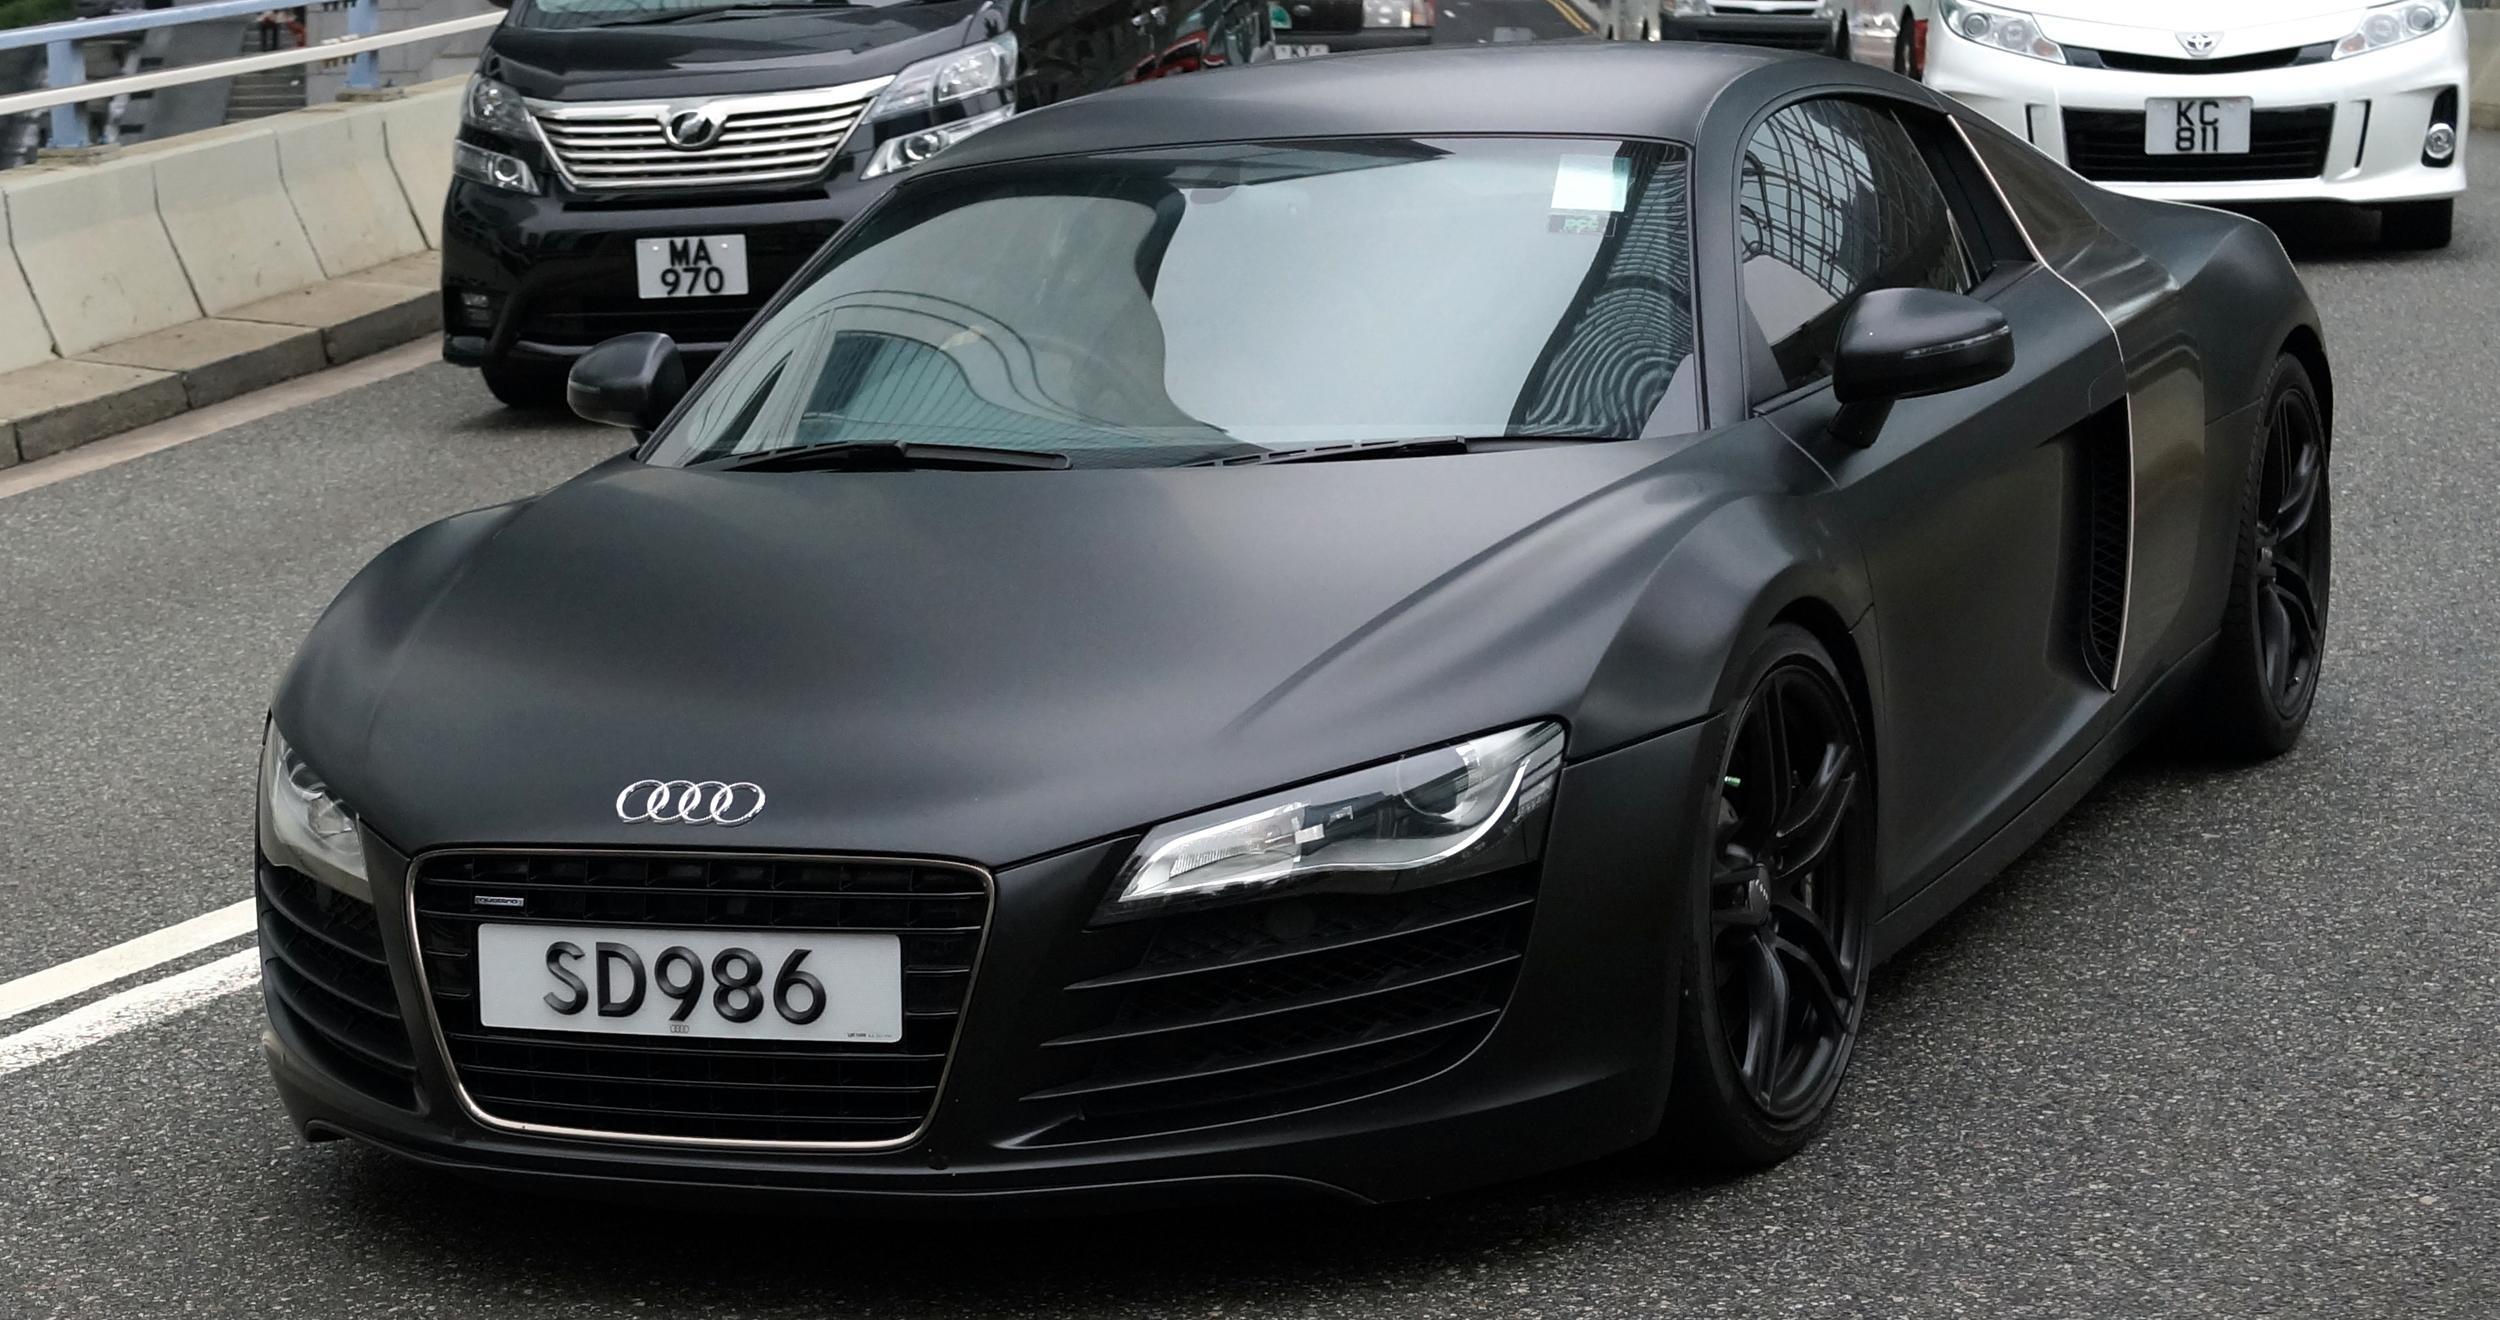 A matte Audi R8